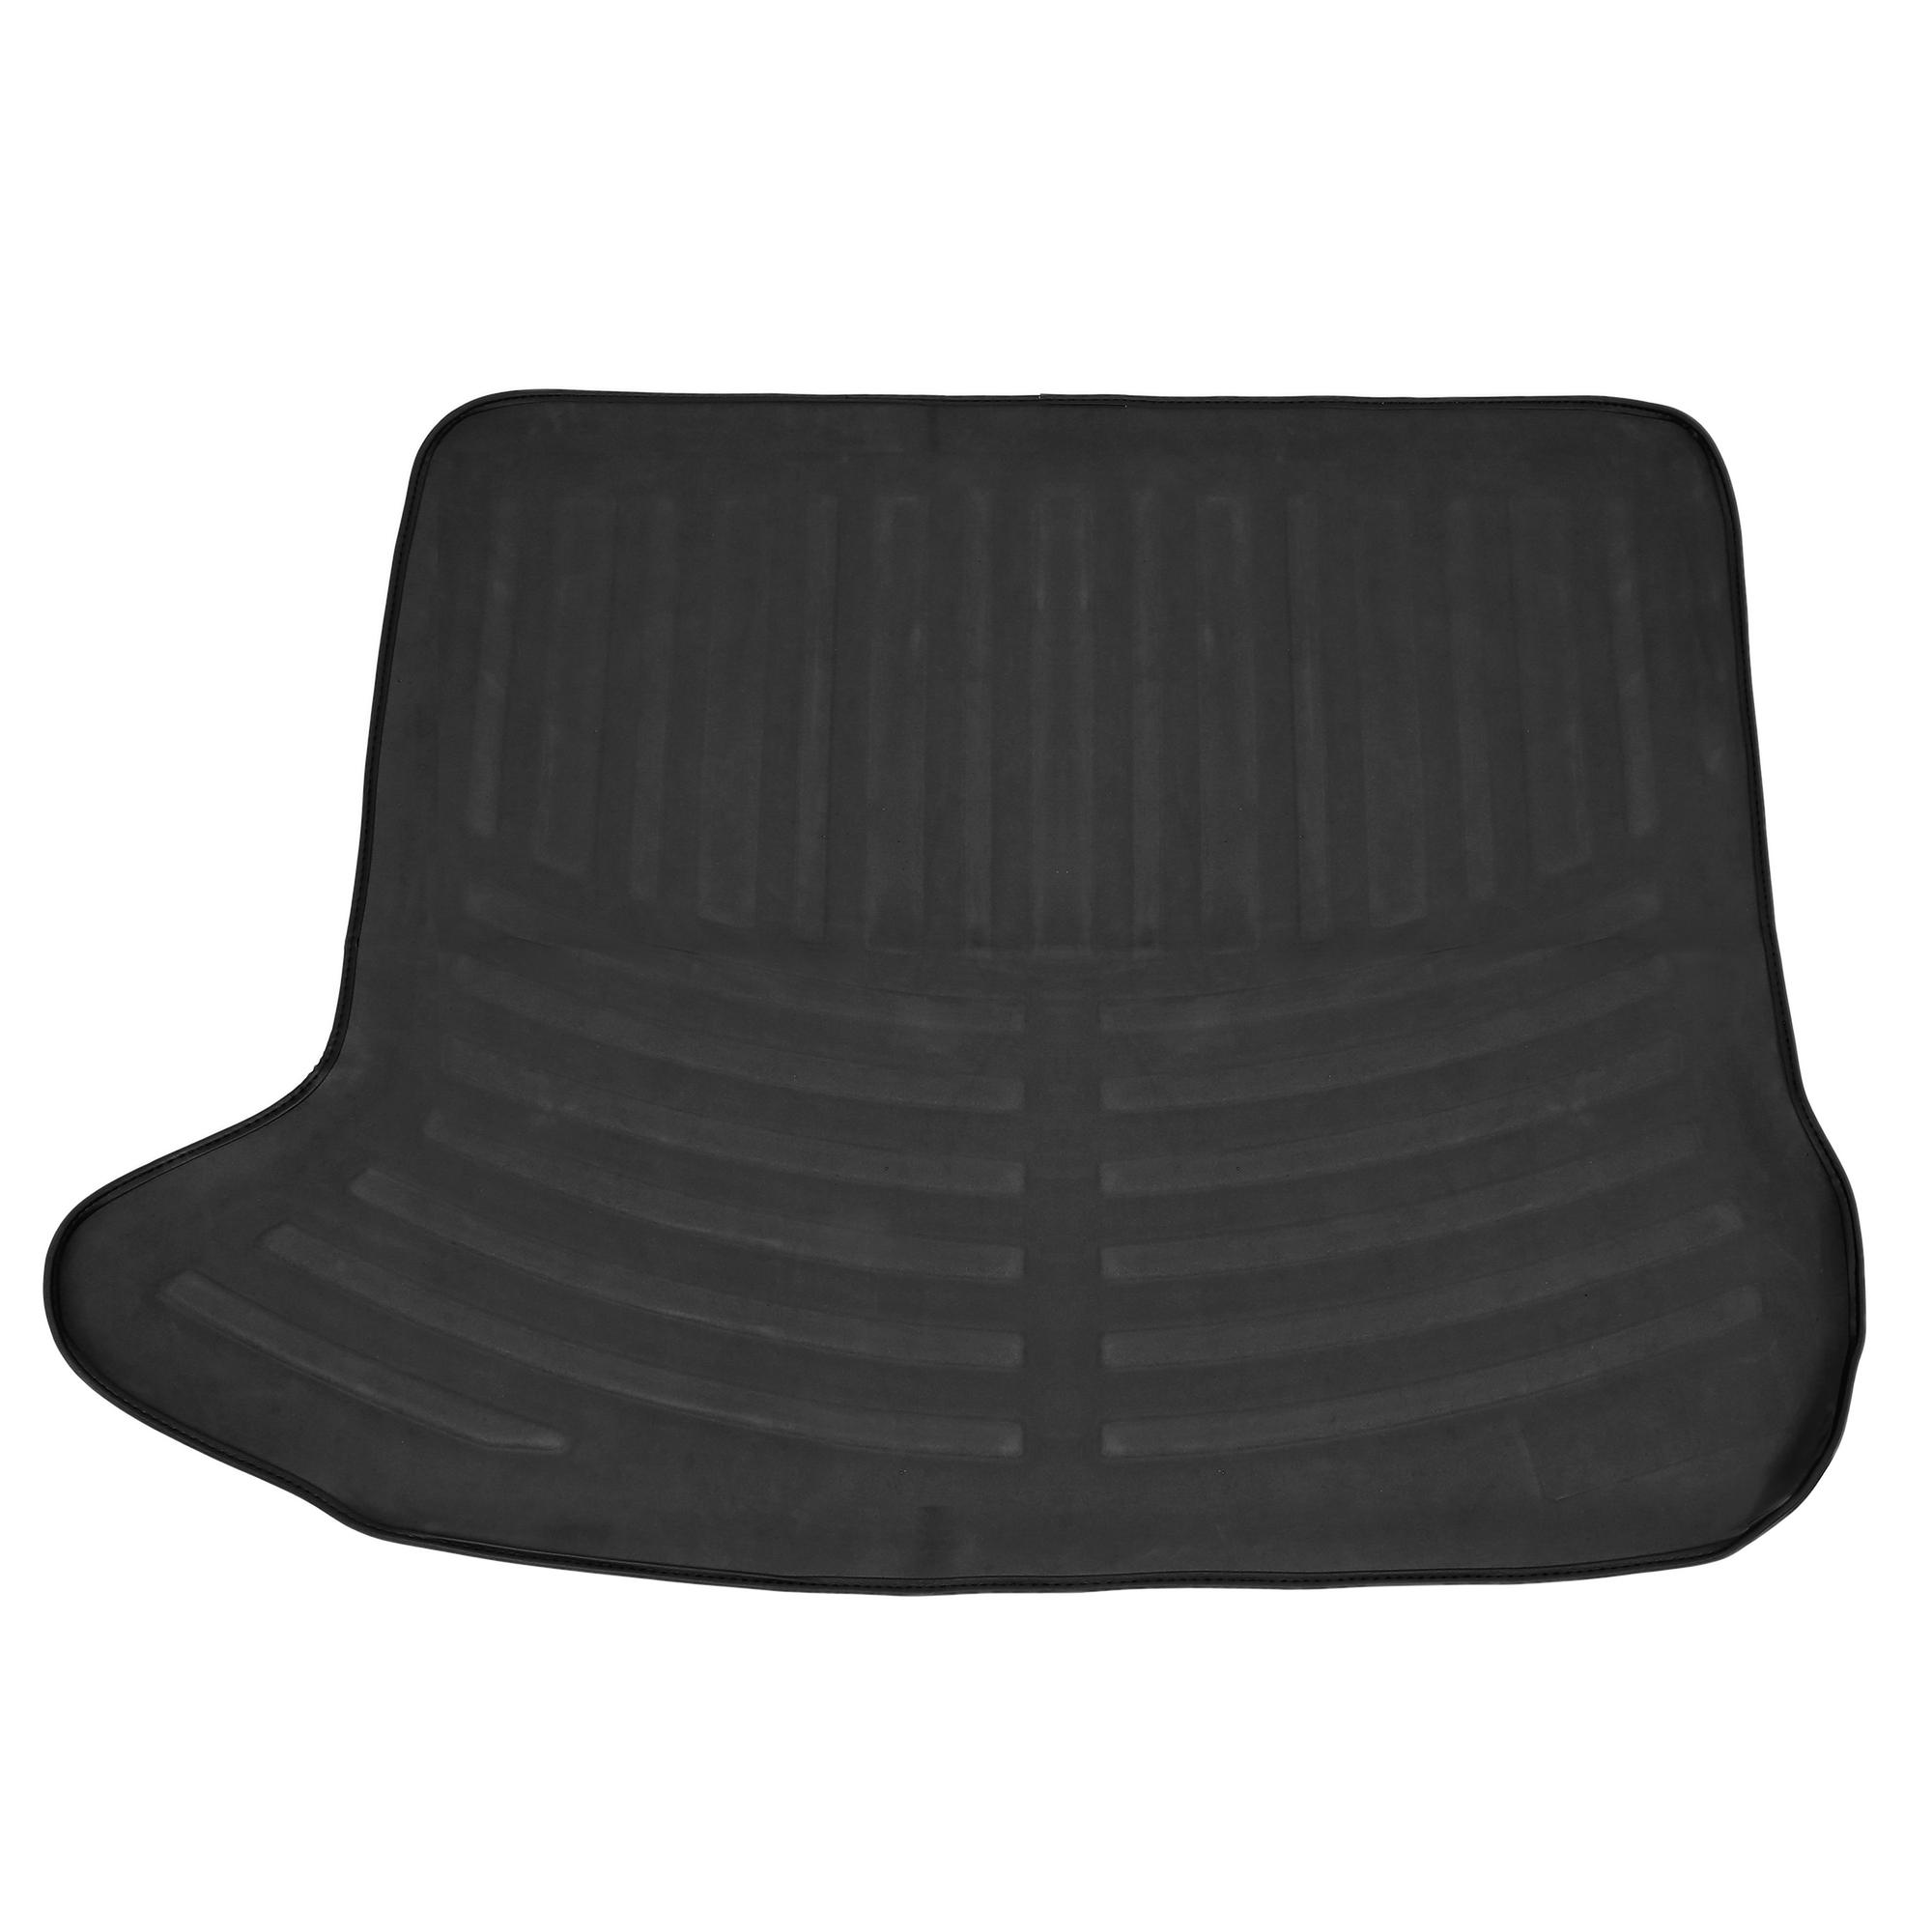 Car Trunk Cargo Mat Rear Trunk Liner Floor Pad for Audi Q3 SUV 5 Doors 5 Seats